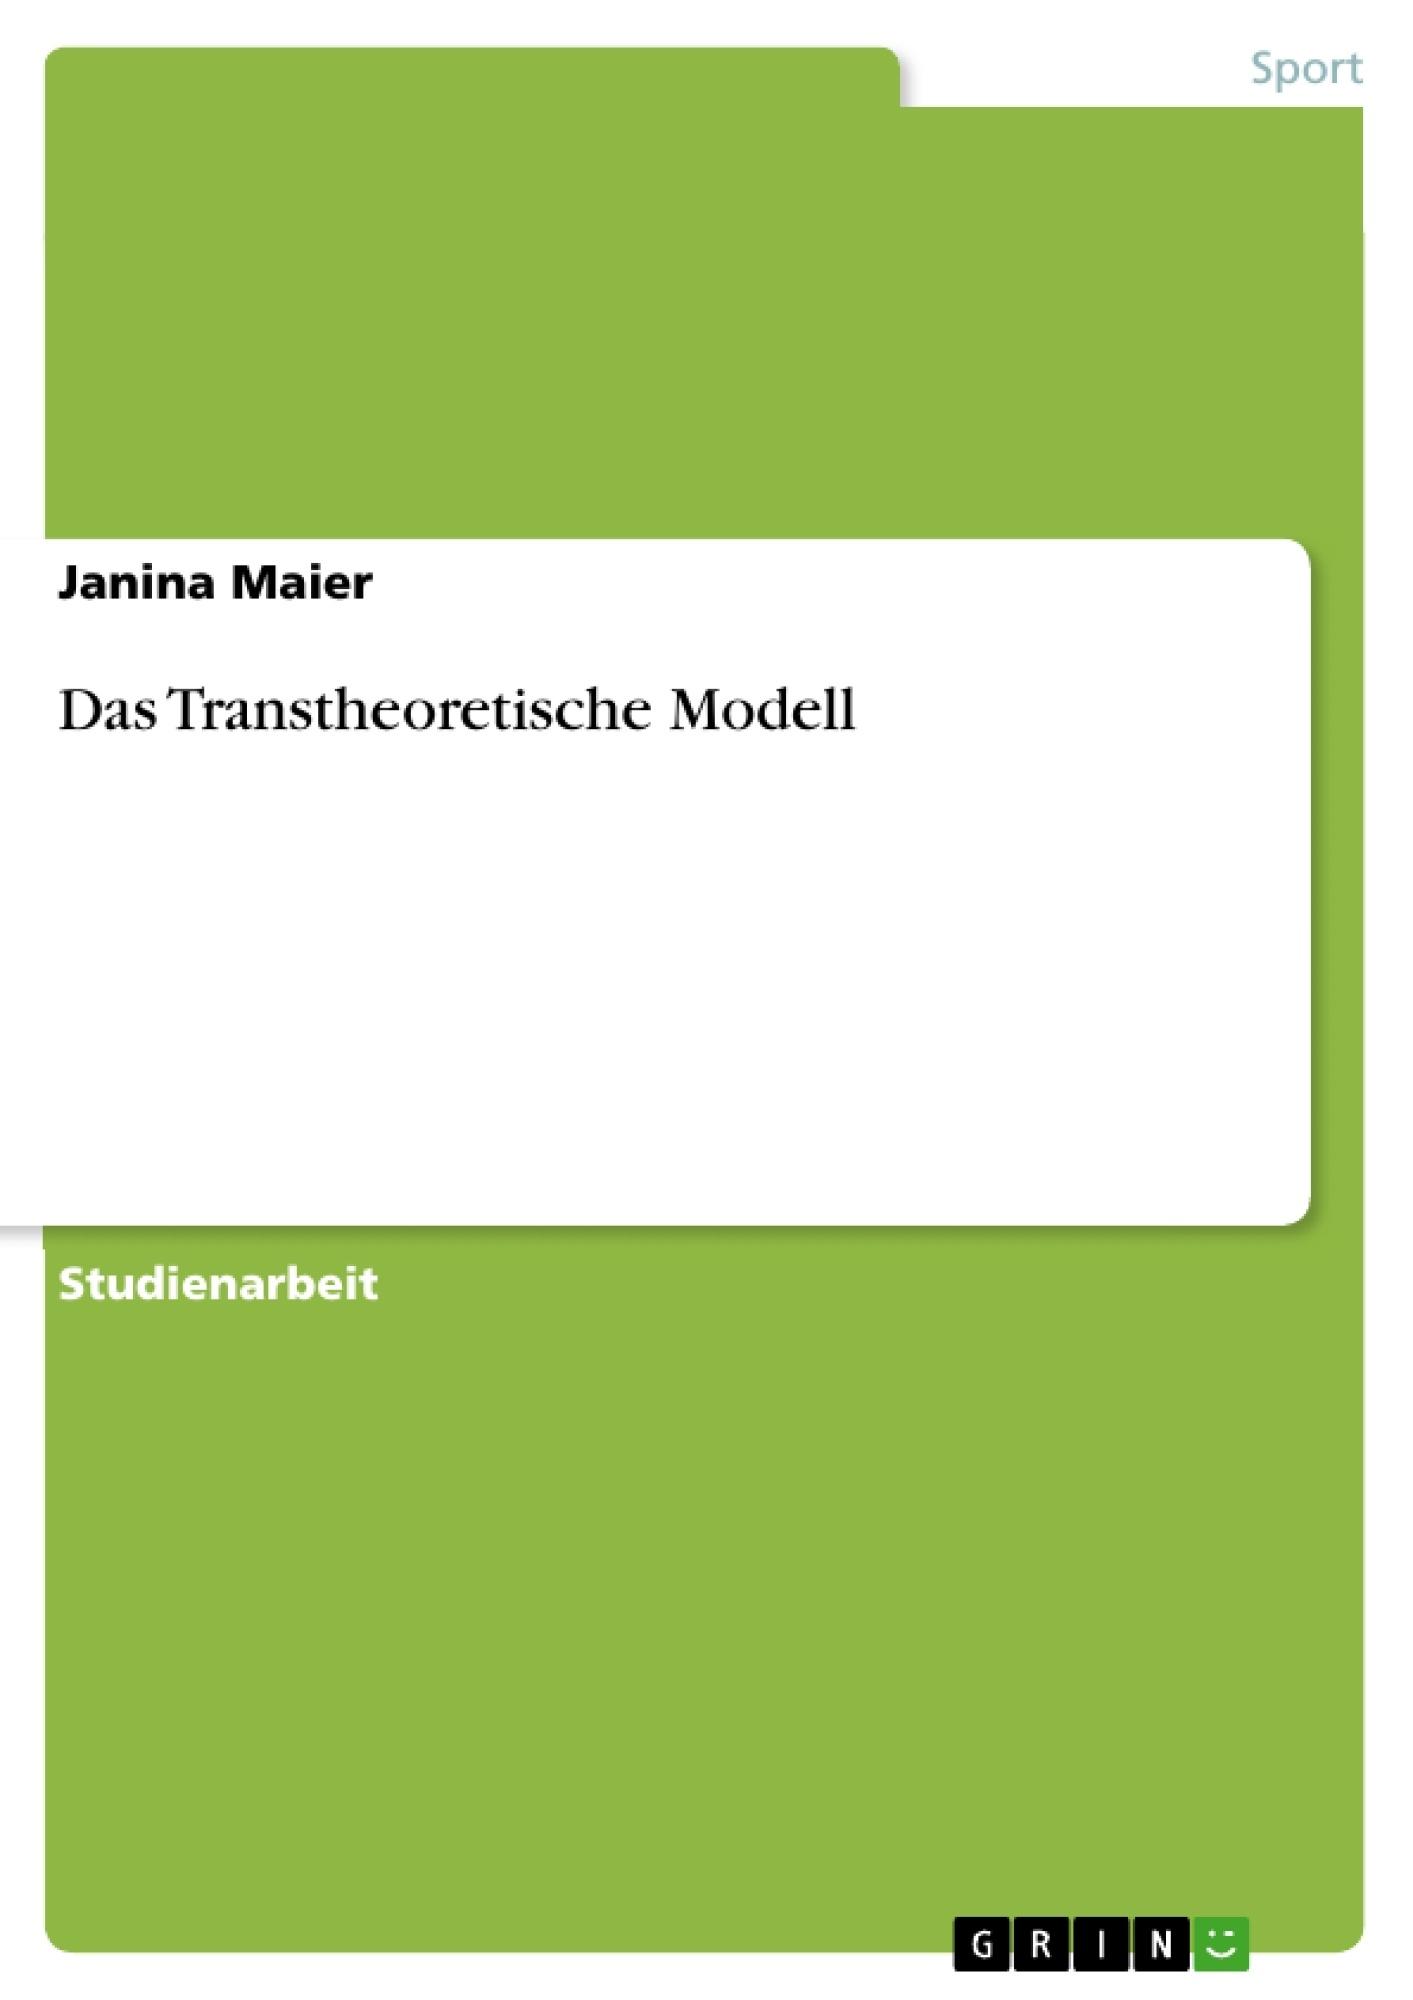 Titel: Das Transtheoretische Modell